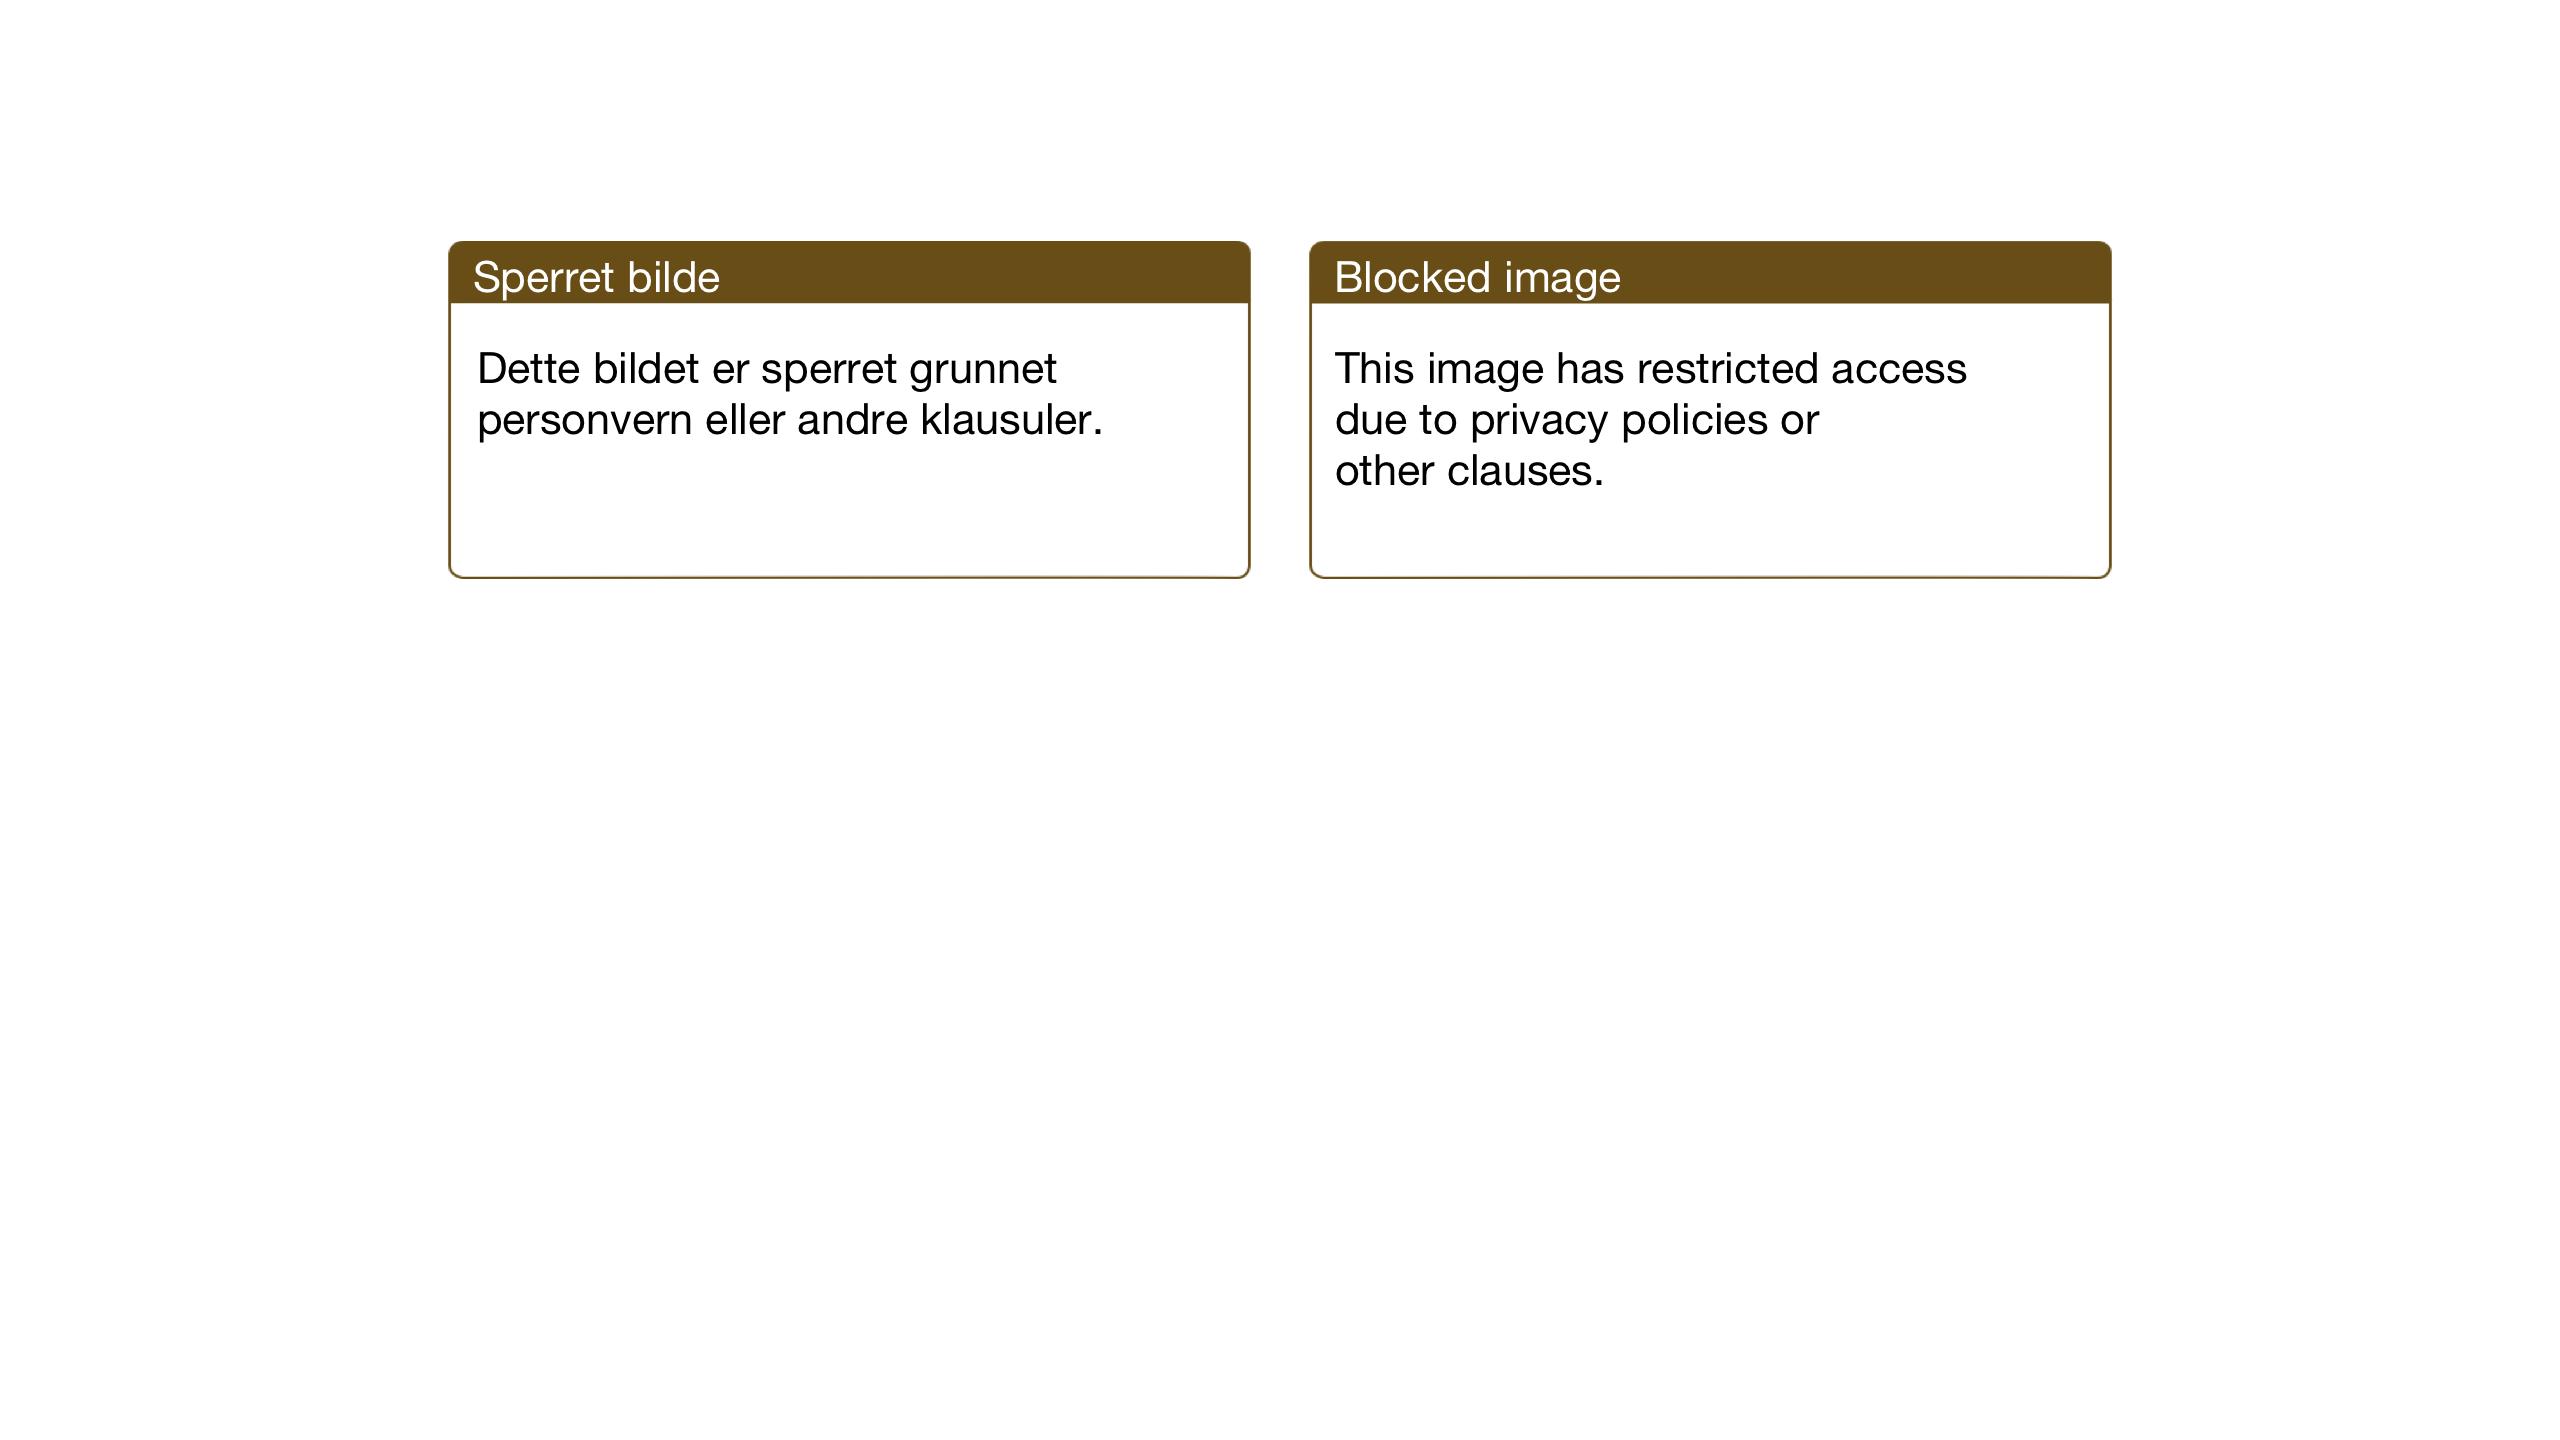 SAT, Ministerialprotokoller, klokkerbøker og fødselsregistre - Nord-Trøndelag, 770/L0592: Klokkerbok nr. 770C03, 1941-1950, s. 17